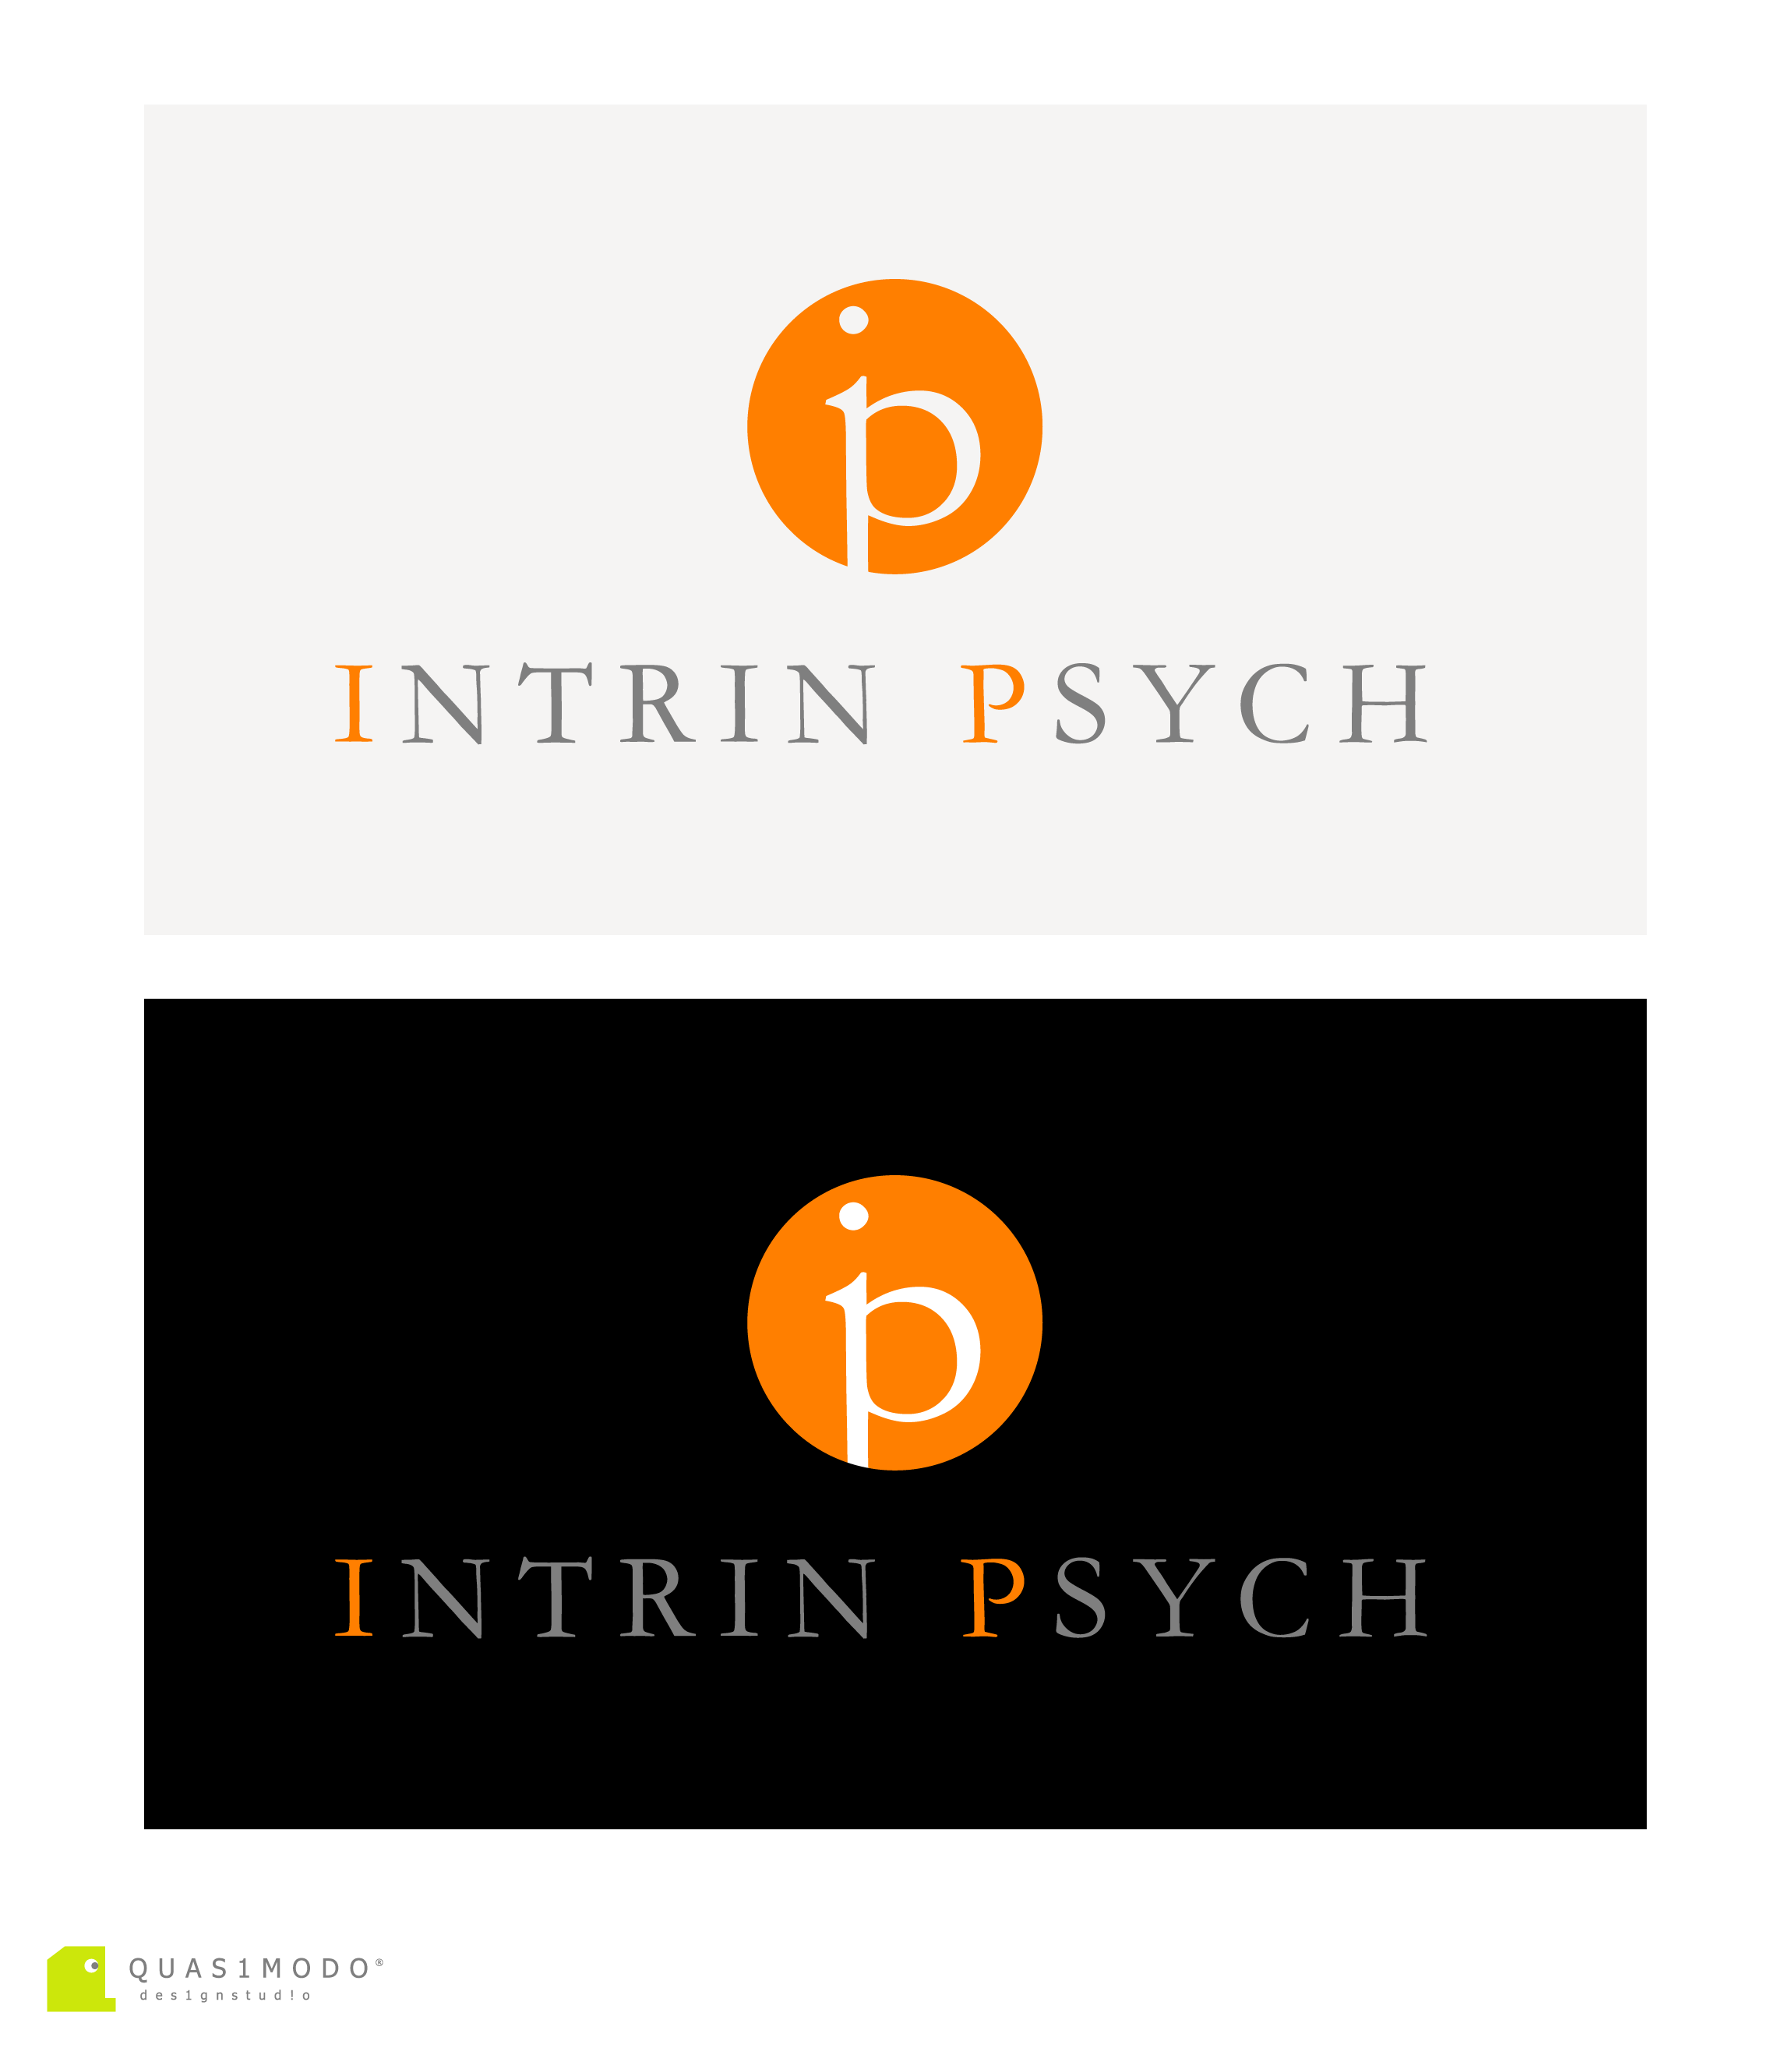 Logo Design by DIMITRIOS PAPADOPOULOS - Entry No. 168 in the Logo Design Contest New Logo Design for IntrinPsych.